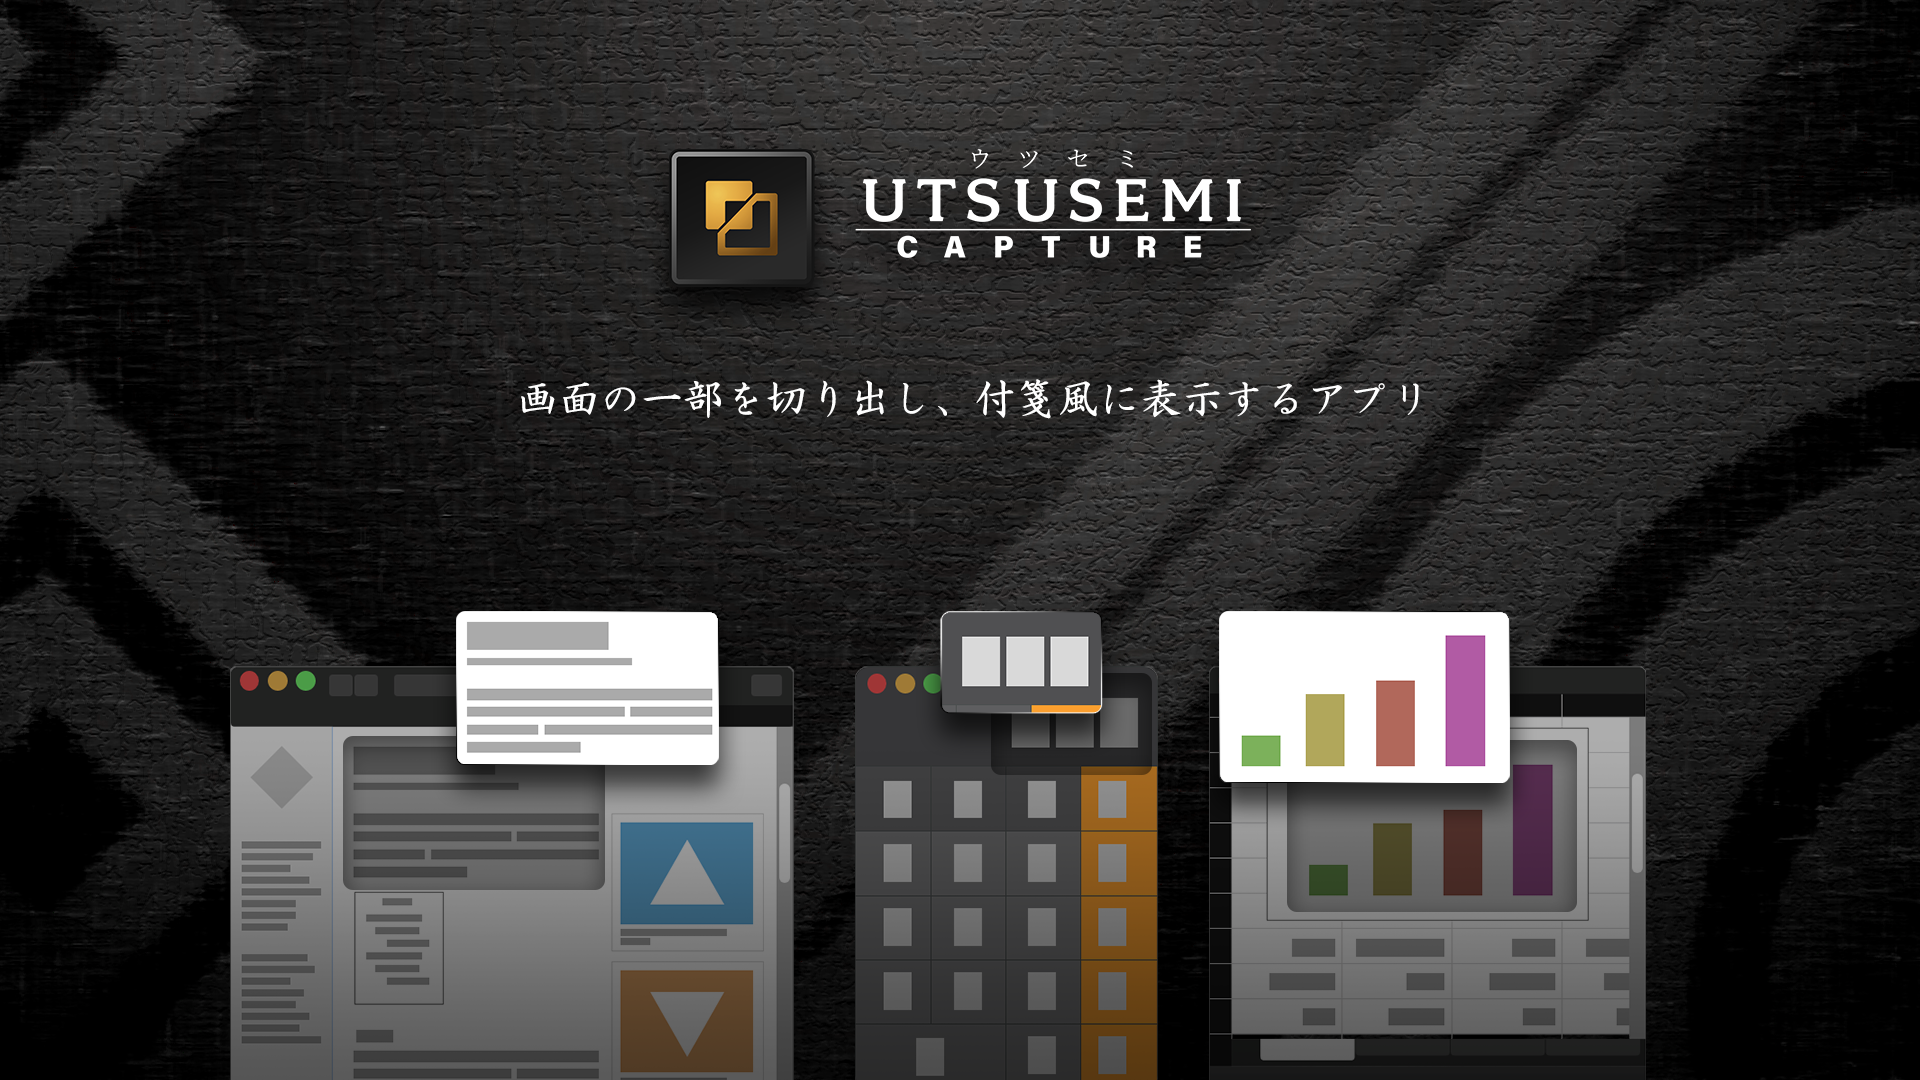 画面の任意の範囲を切り取り表示できるmacOS向けキャプチャーソフト「Utsusemi Capture」がリリース